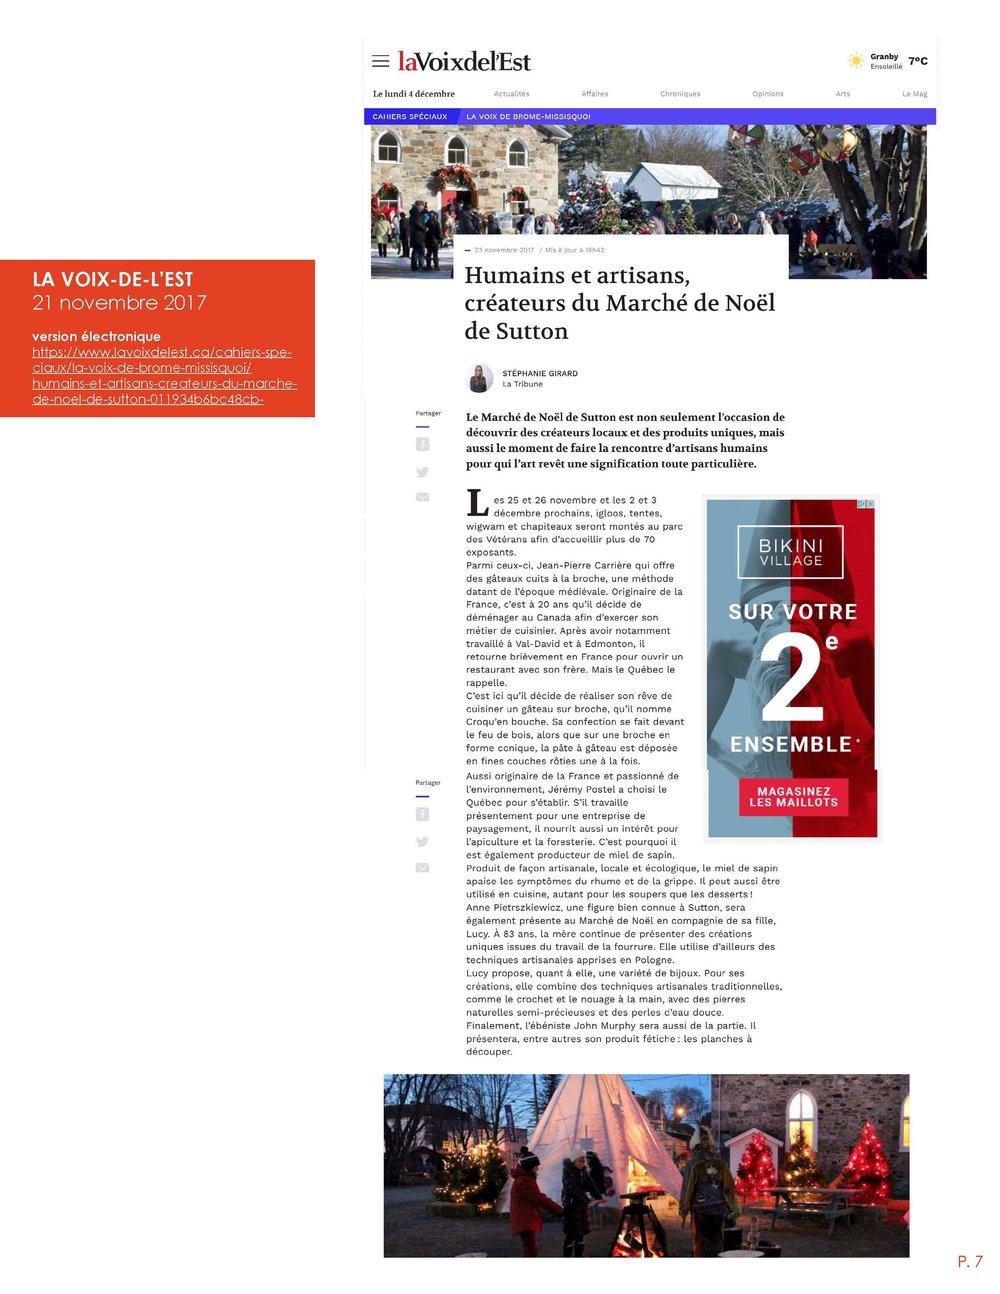 Revue de presse - MARCHÉ DE NOËL SUTTON 2017_Page_07.jpg